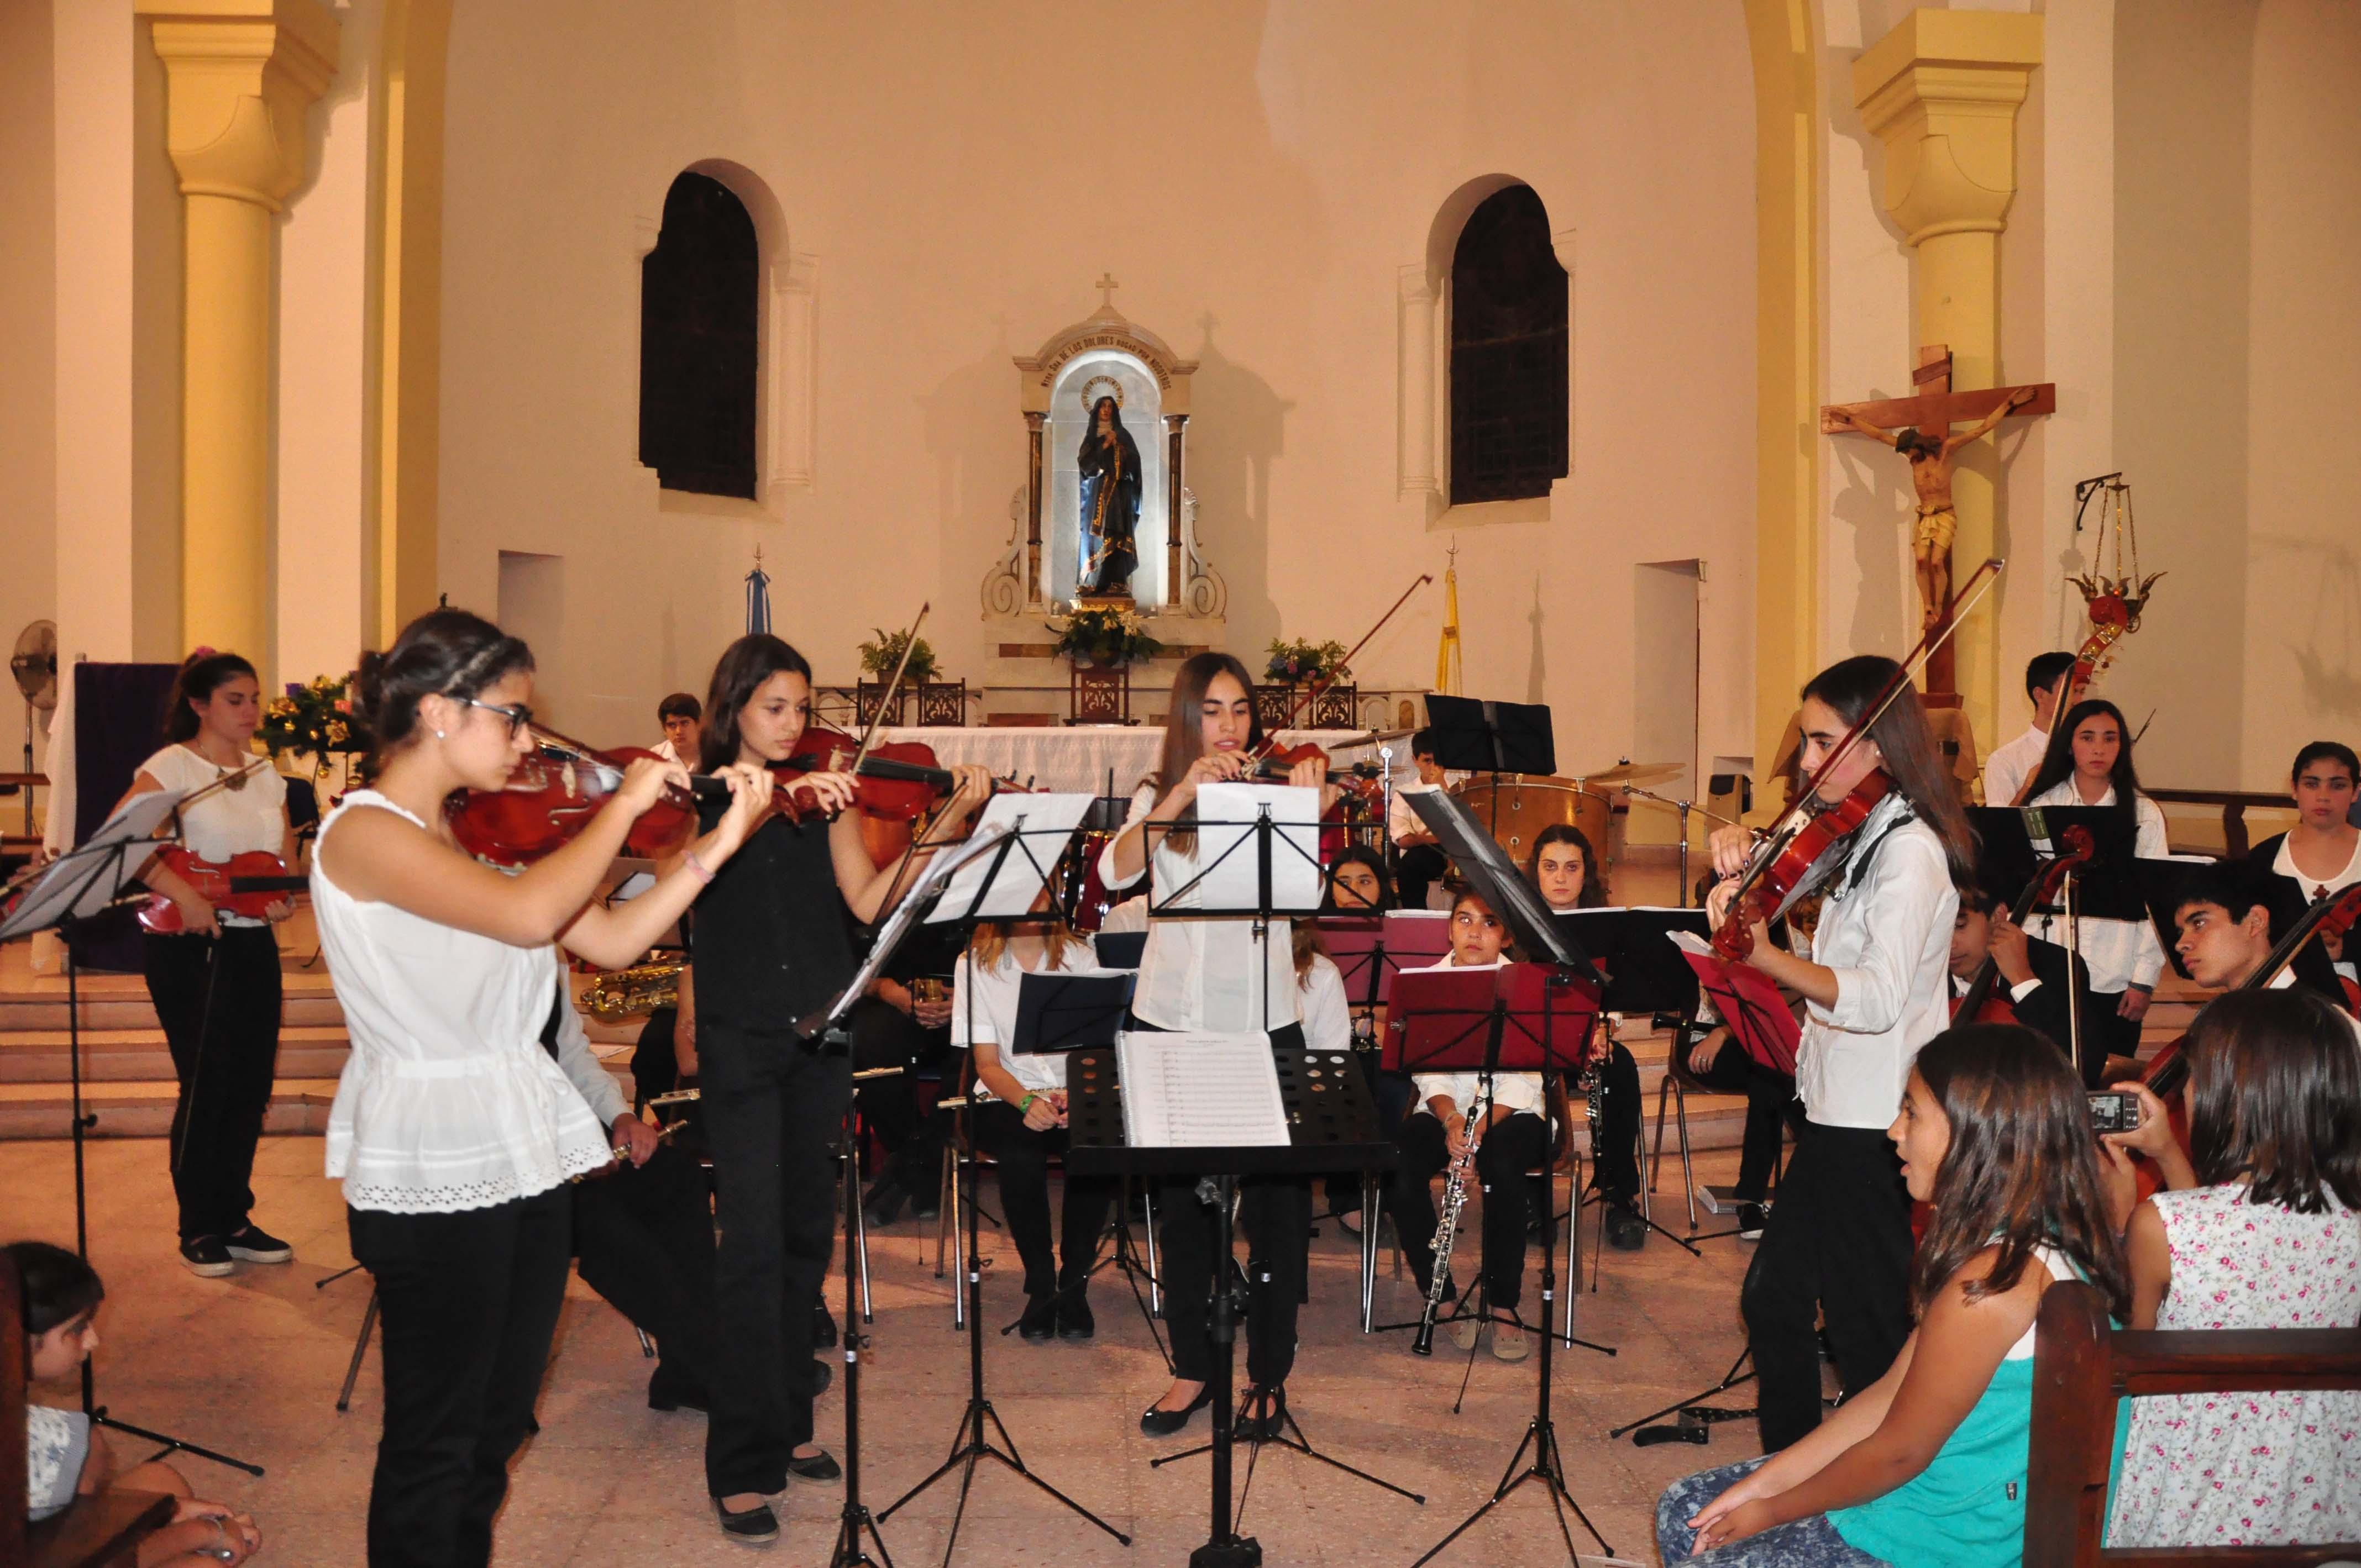 Orquesta en Parroquia - diciembre 2015 (6)